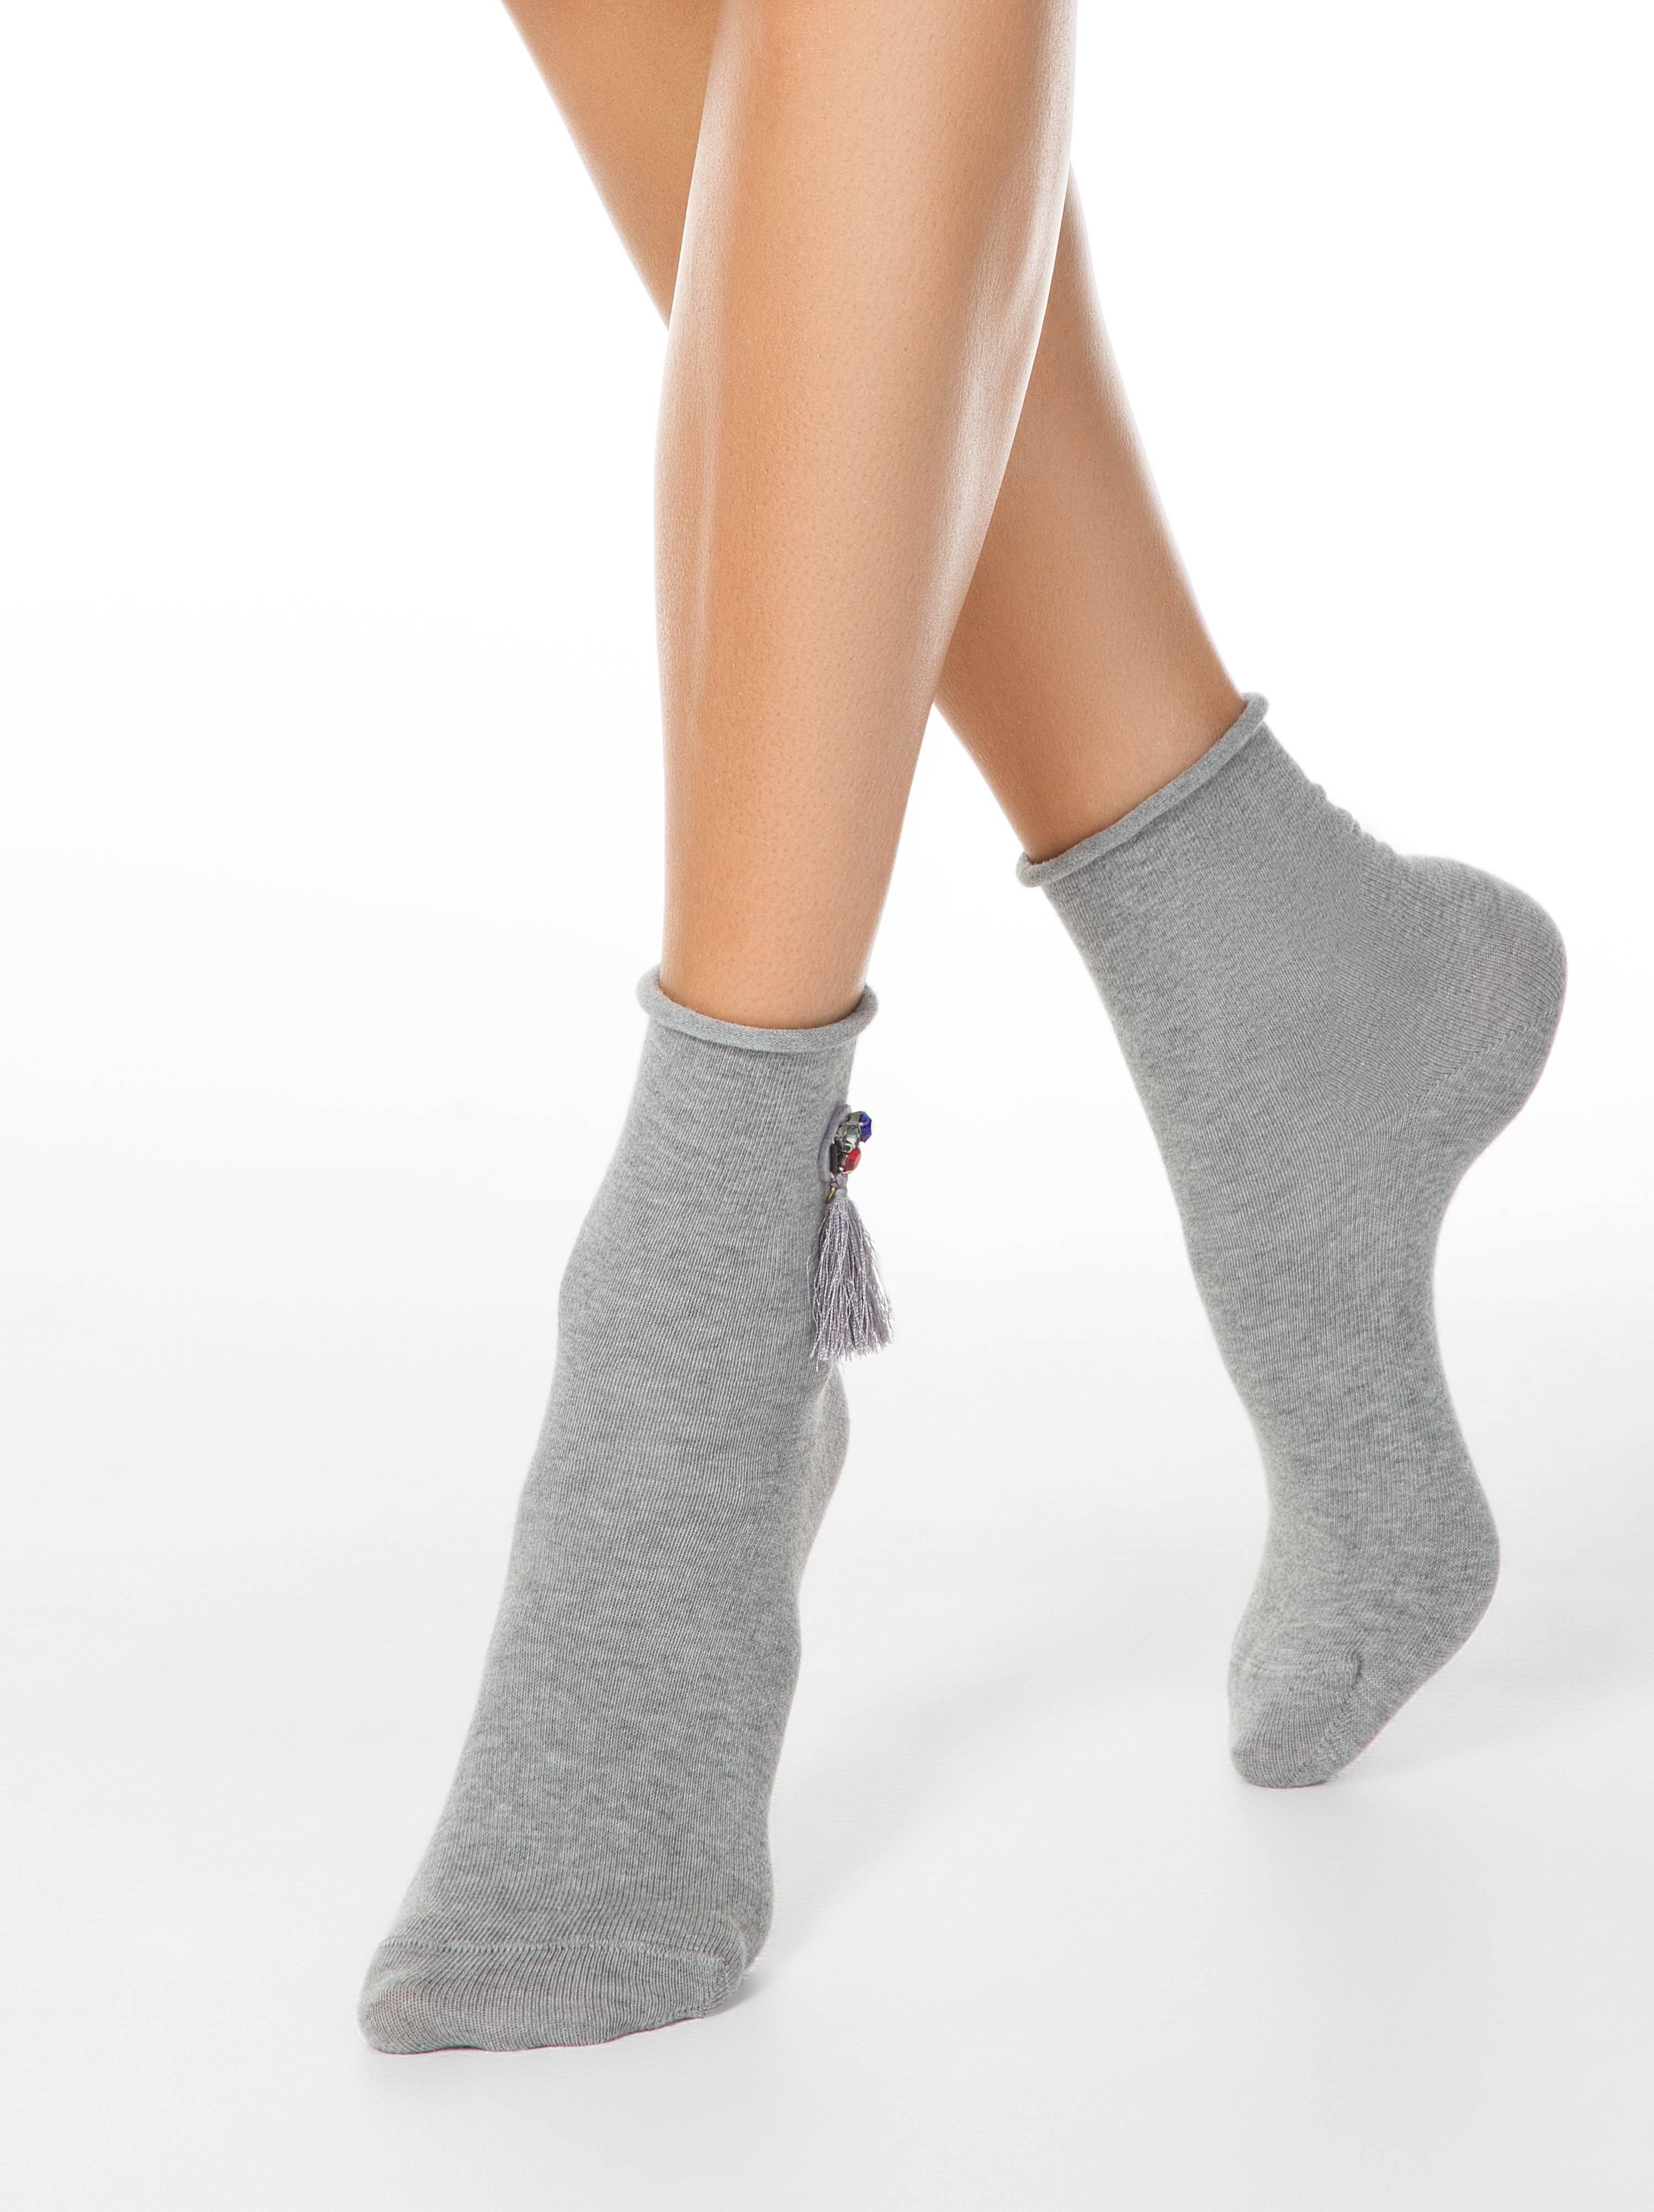 Носки женские ⭐️ Удлиненные меланжевые носки с кисточками FANTASY ⭐️